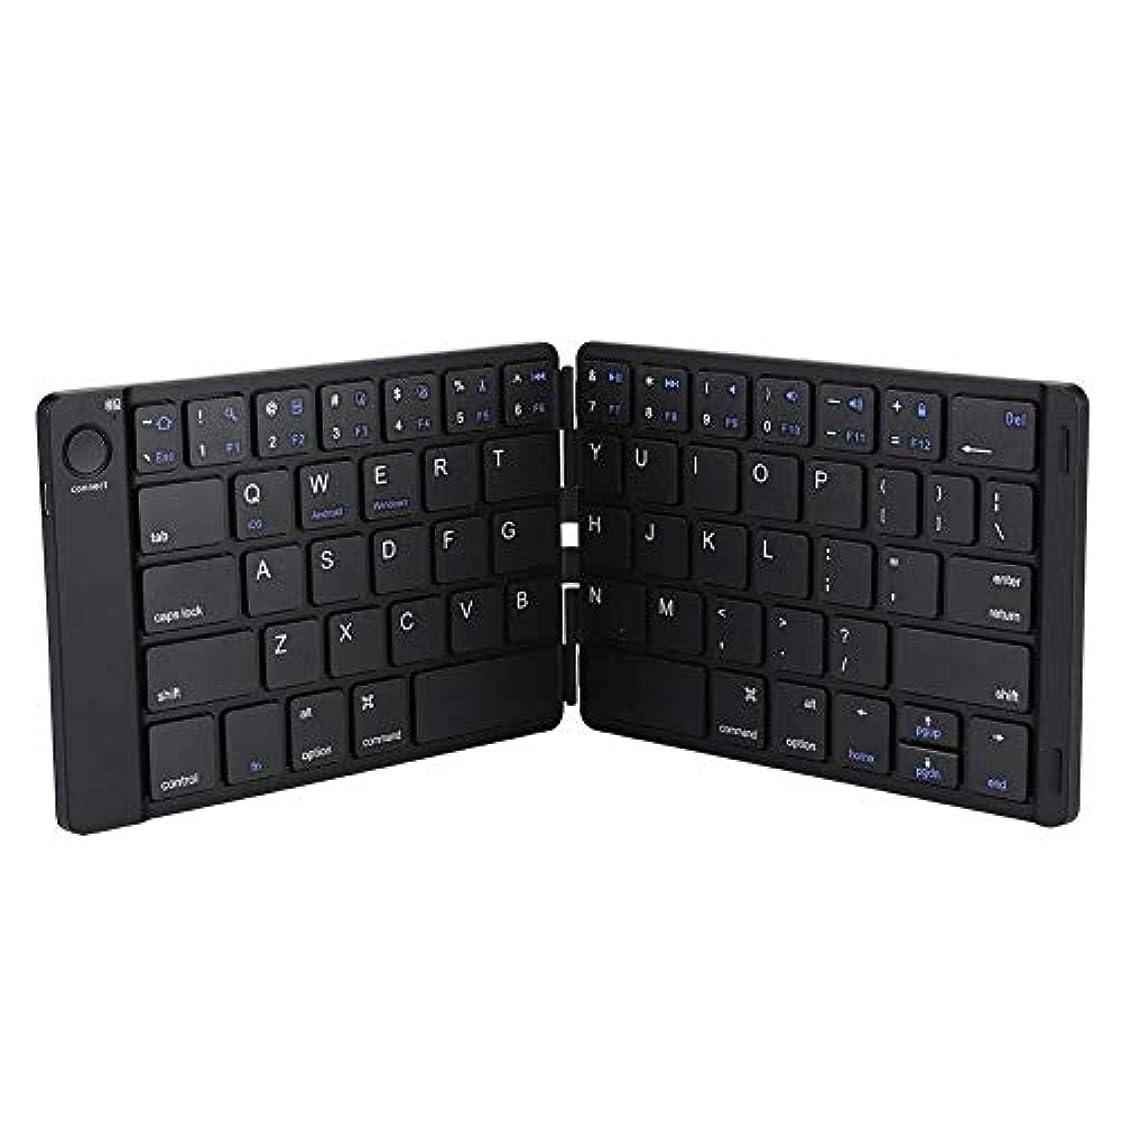 広げるコマンド乱すGood life アンドロイド/Windowsの/iOS用ワイヤレスキーボード折り畳み式ポータブルワイヤレス折りたたみ、63キーブラック